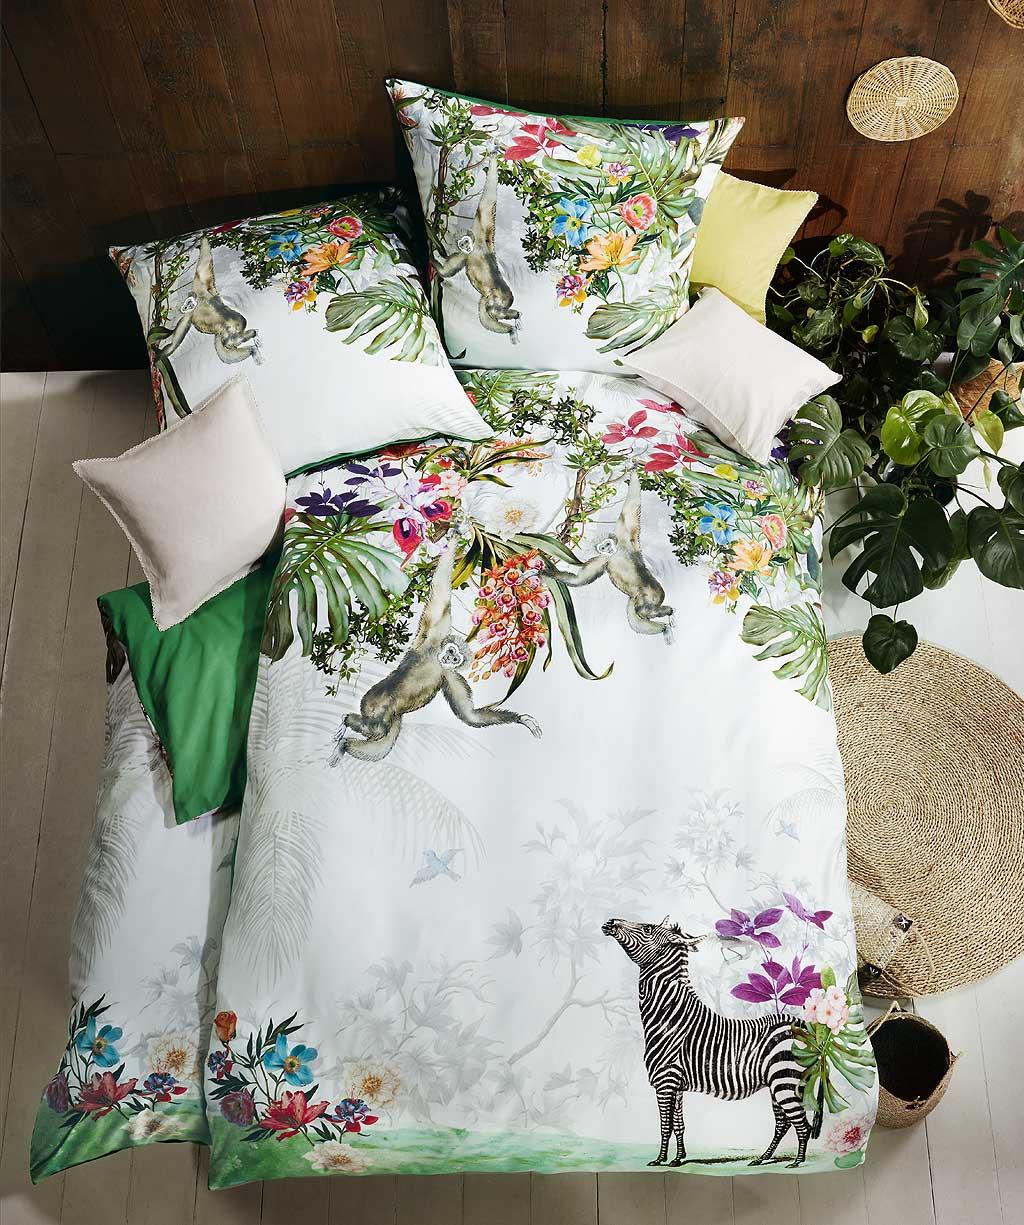 Full Size of Lustige Bettwäsche 155x220 Designer Bettwsche Hochwertig T Shirt Sprüche T Shirt Wohnzimmer Lustige Bettwäsche 155x220